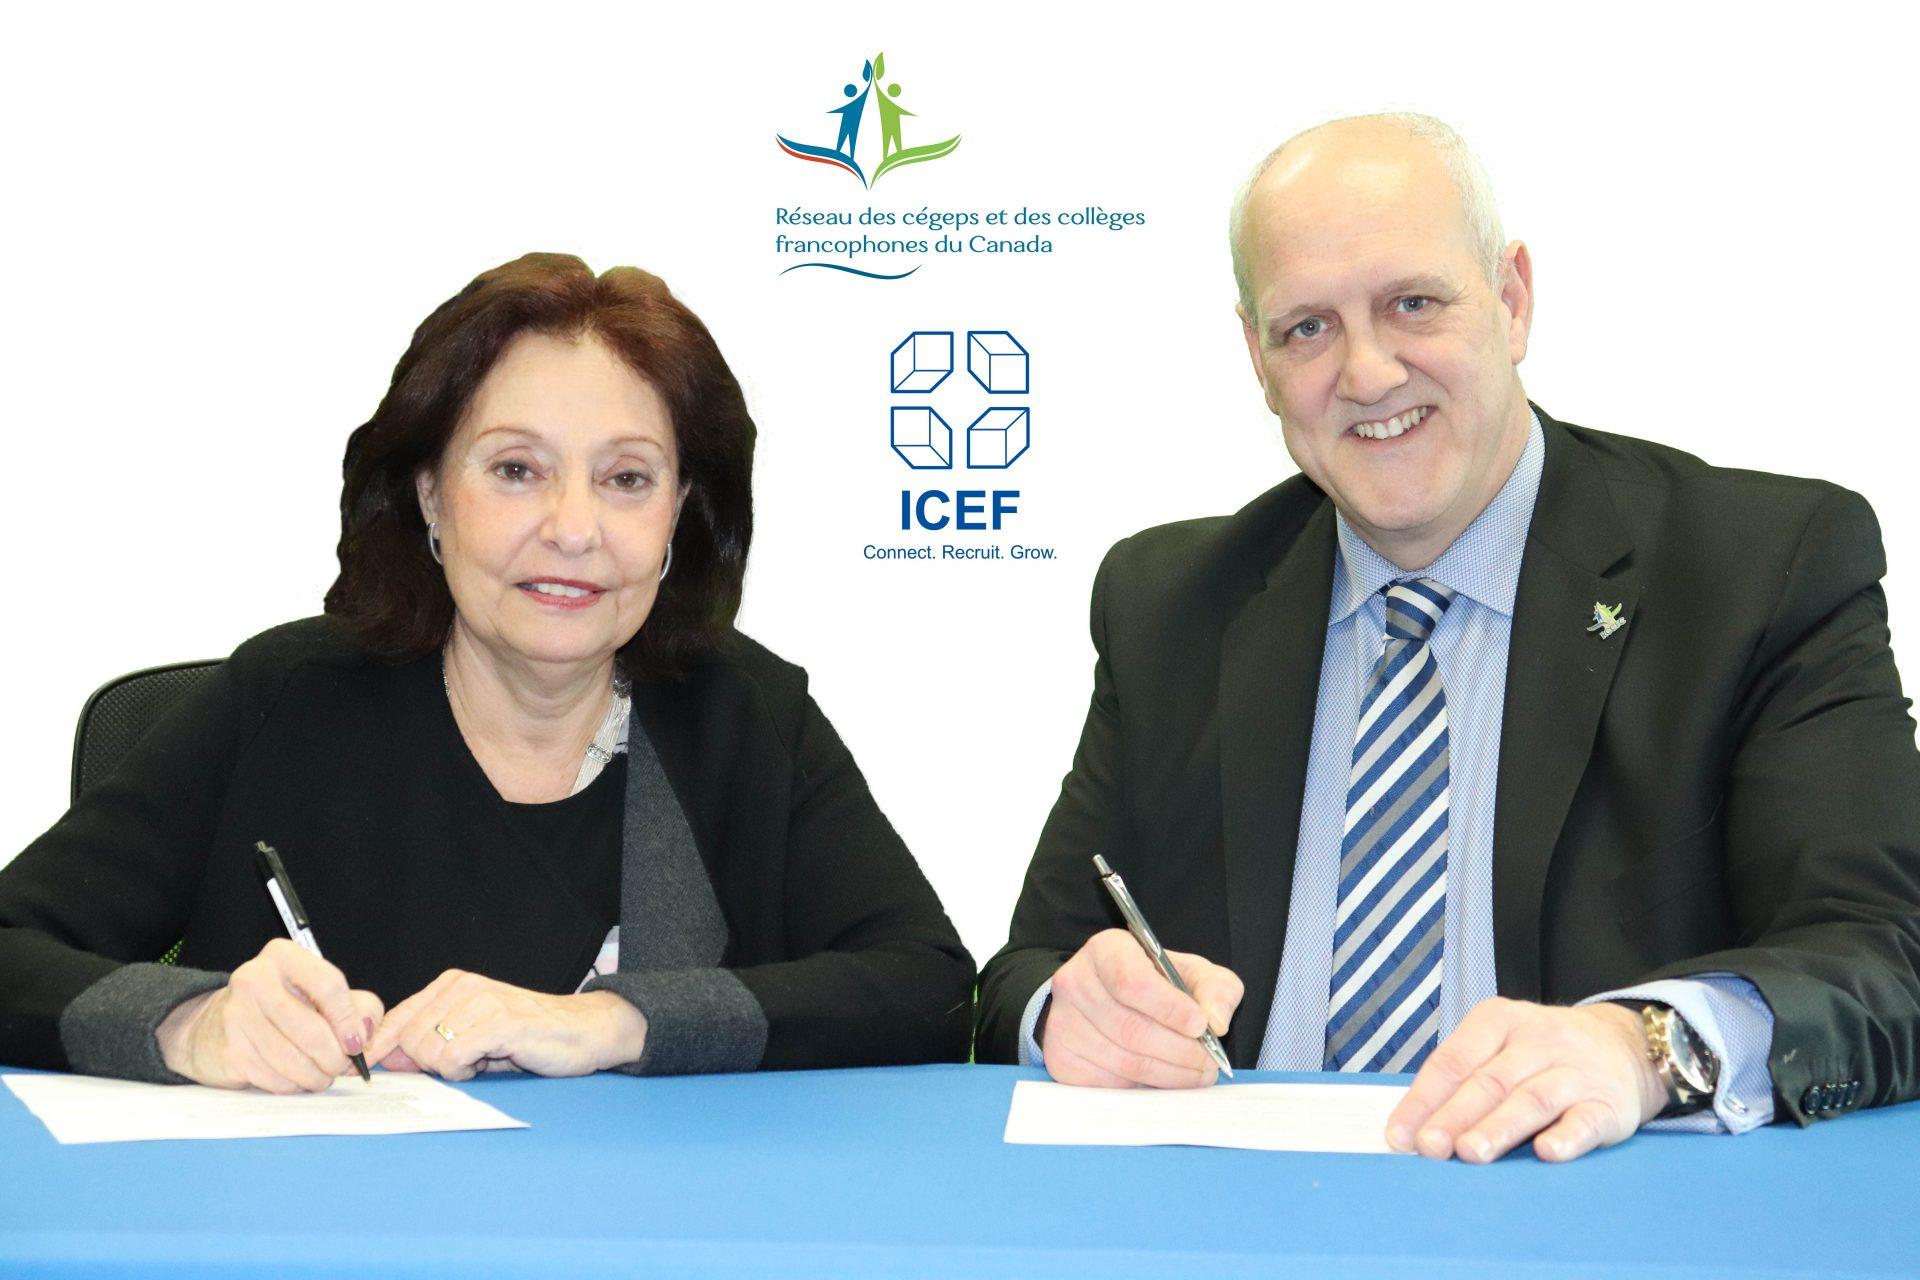 Sur la photo : Monèle Schrot, Directrice des programmes en langue française et Jean Léger, Directeur général du RCCFC.